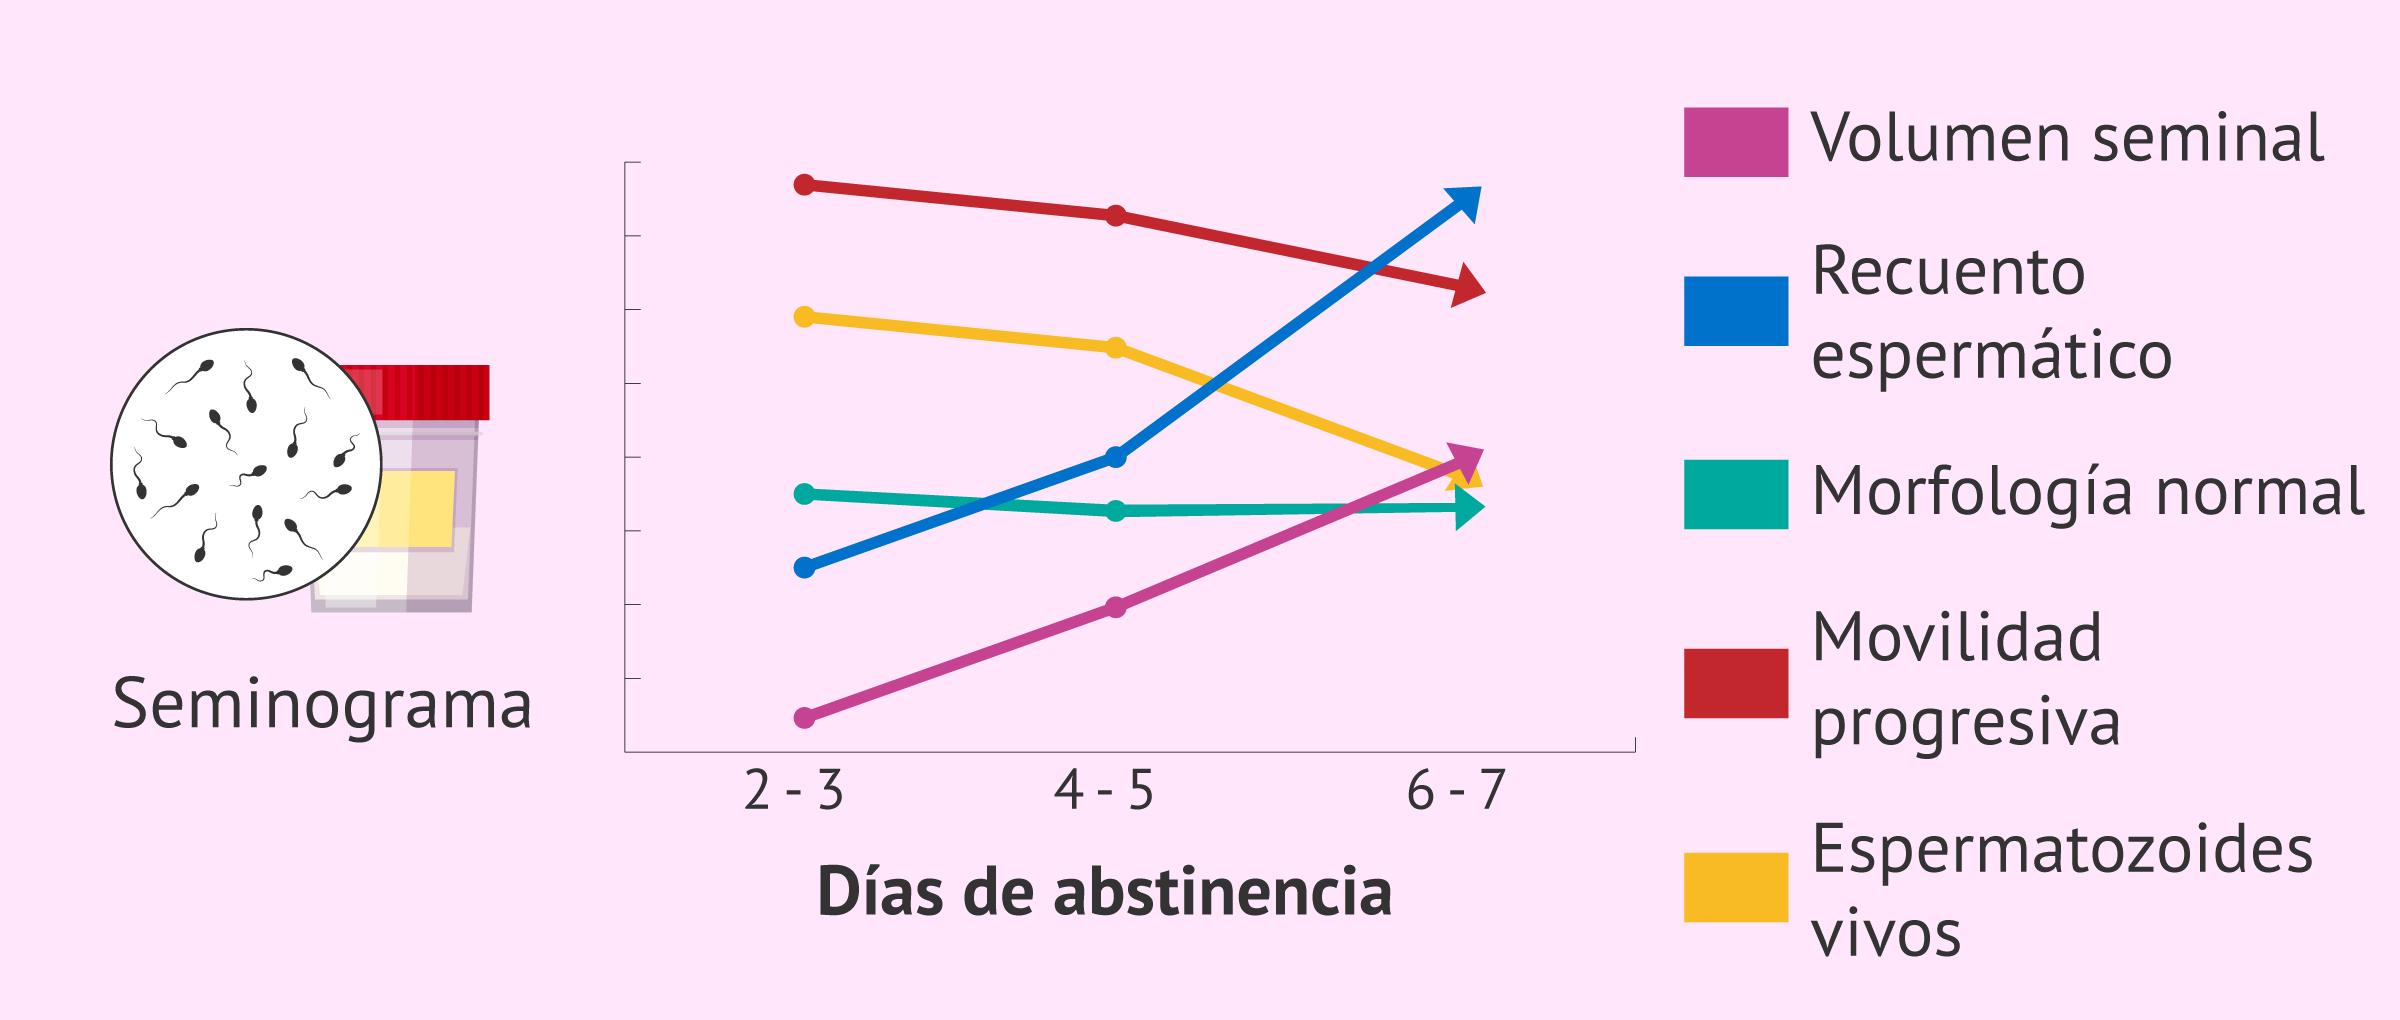 ¿Cómo afectan los días de abstinencia a la calidad seminal?